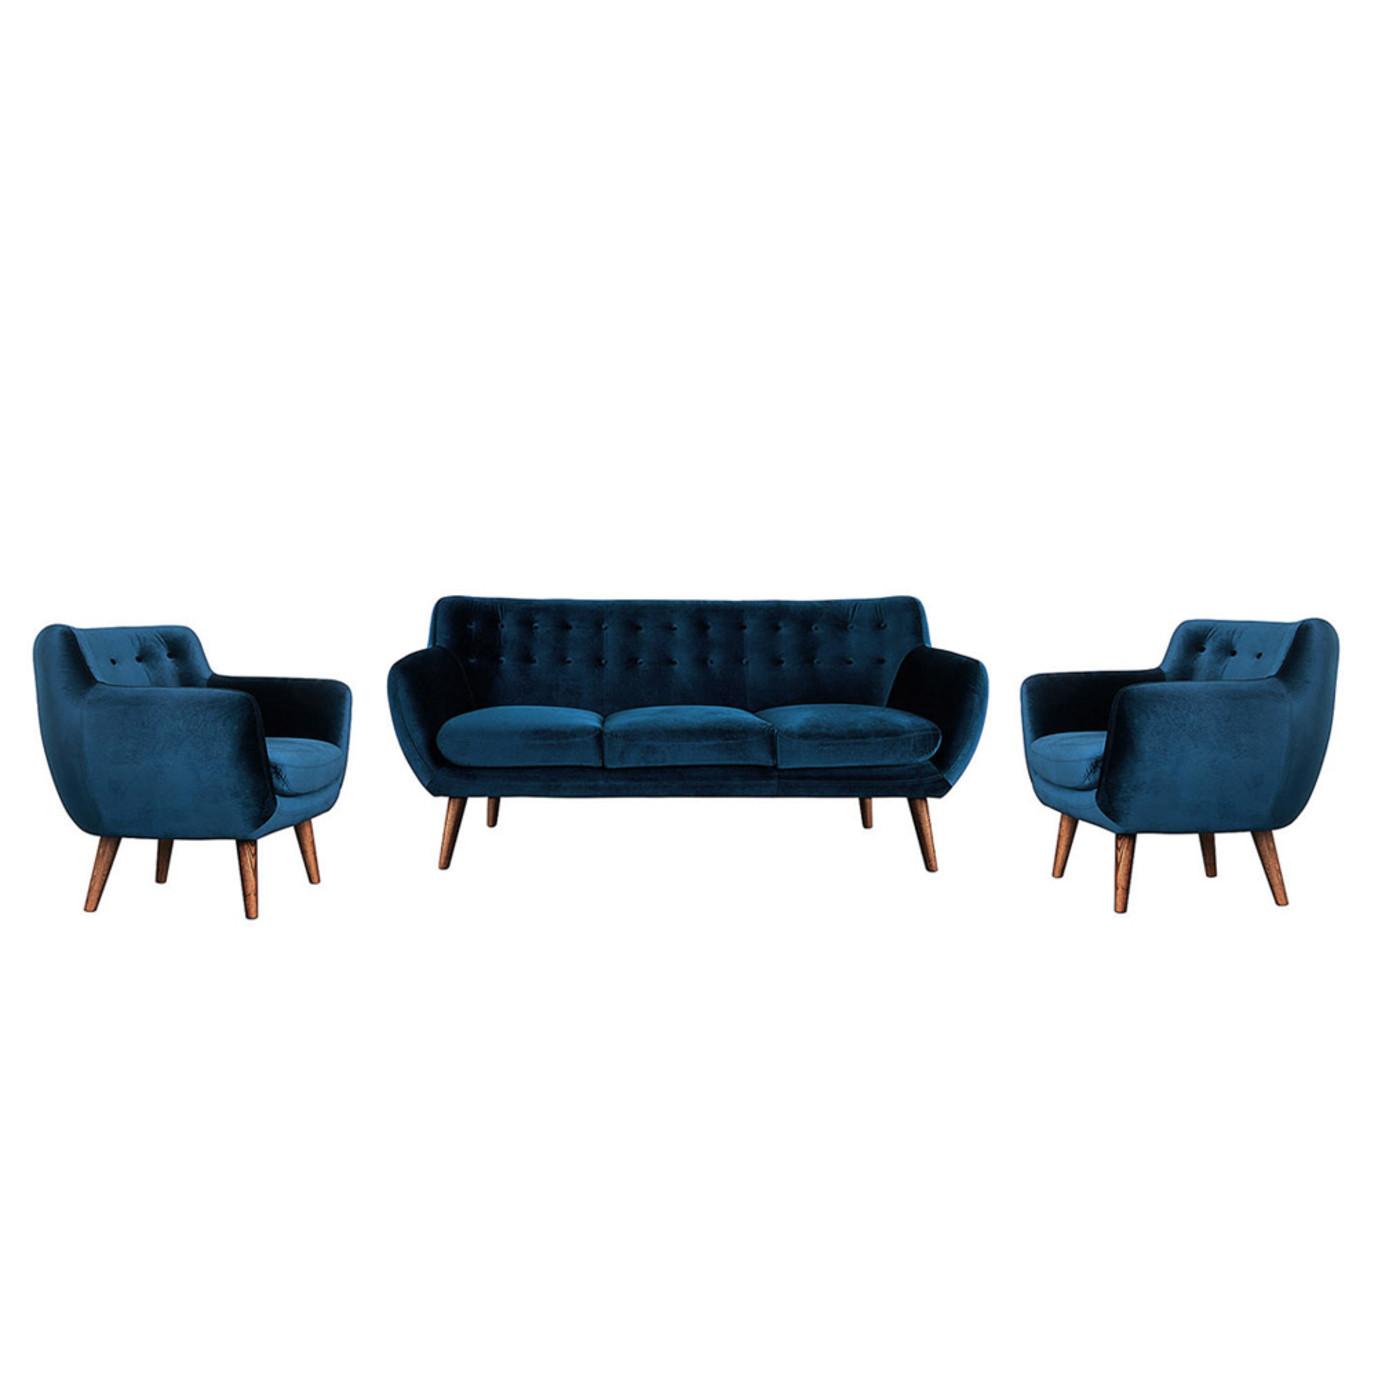 Rhodes Mid-Century Modern 3 Piece Living Set